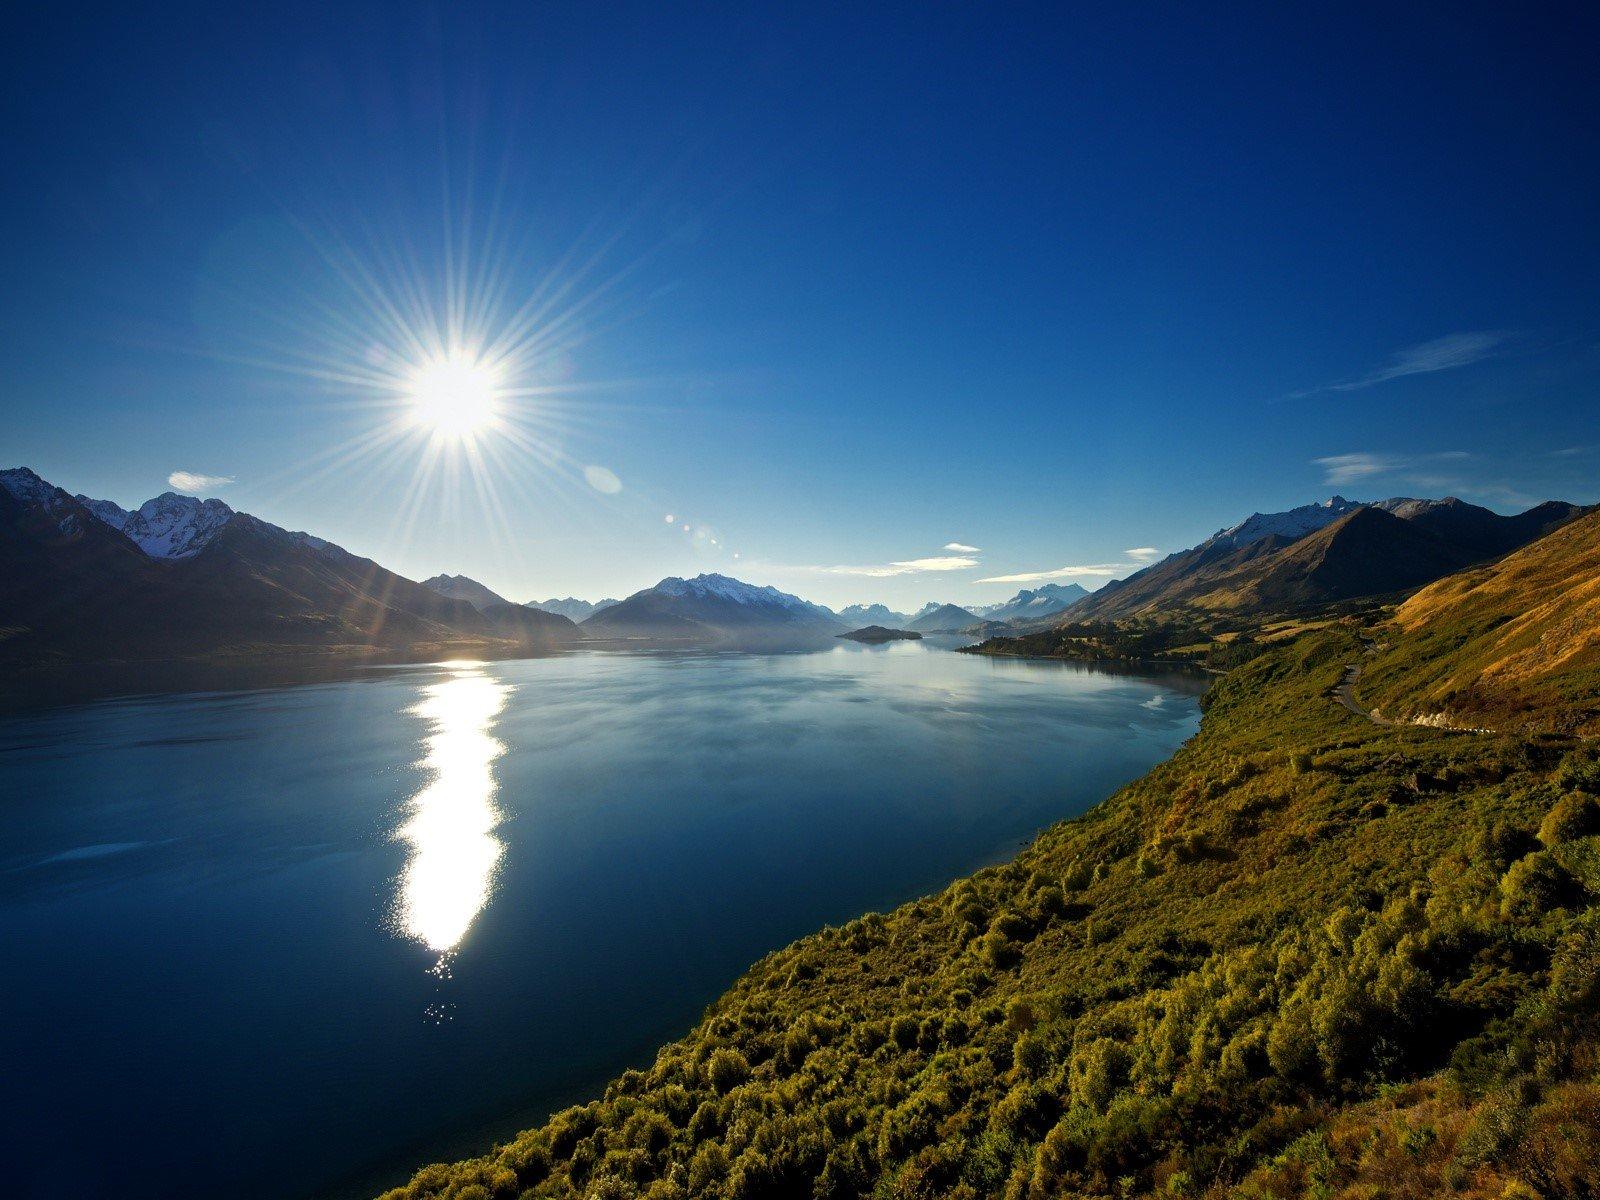 Wallpaper Lago Wakatipu Images